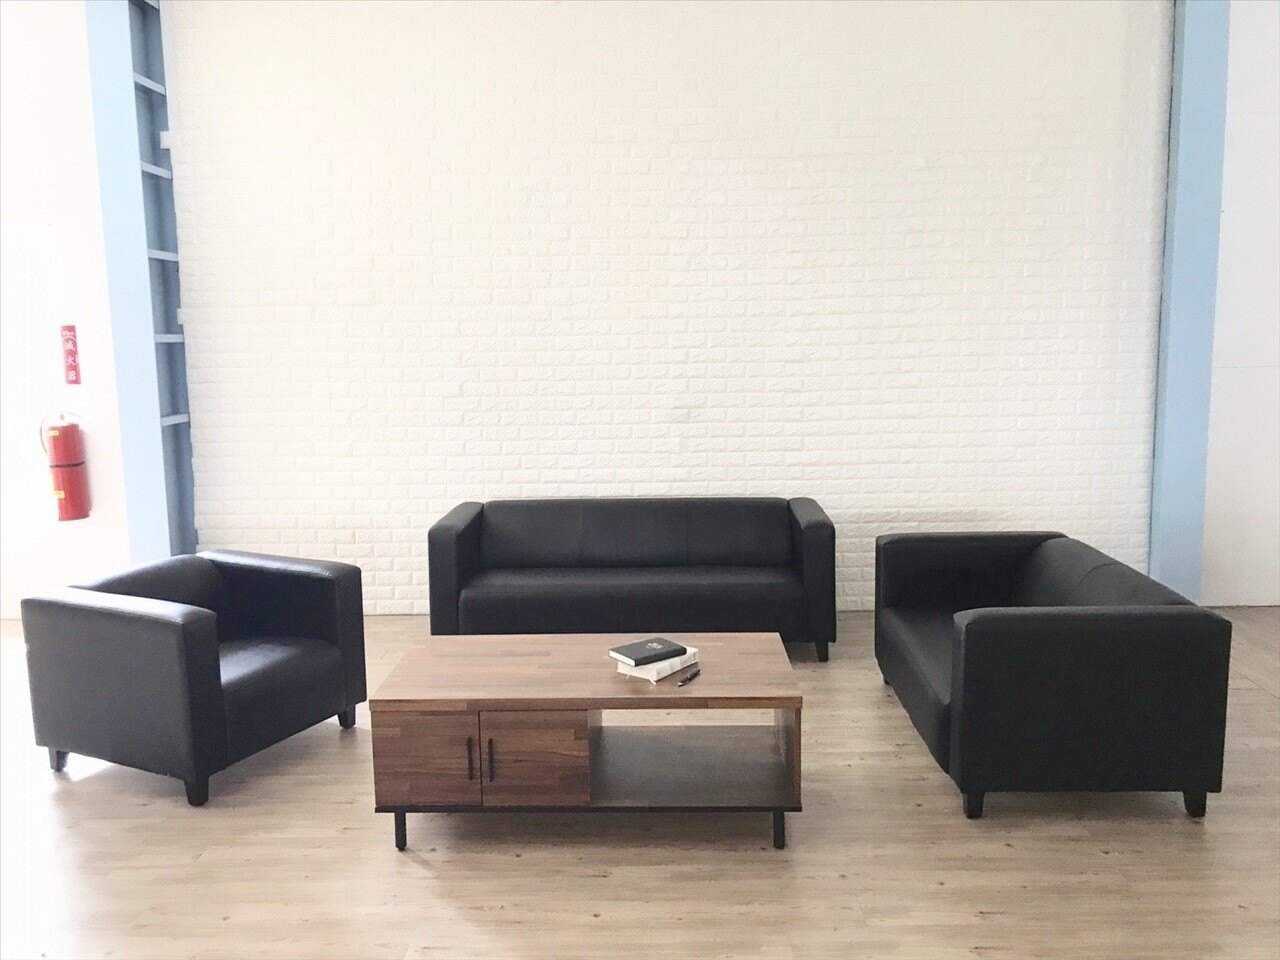 【石川家居】#IG ㄇ字新型系列 雙人座沙發 多色可選 台灣製 (不含茶几與其他商品) 台北到高雄搭配車趟免運